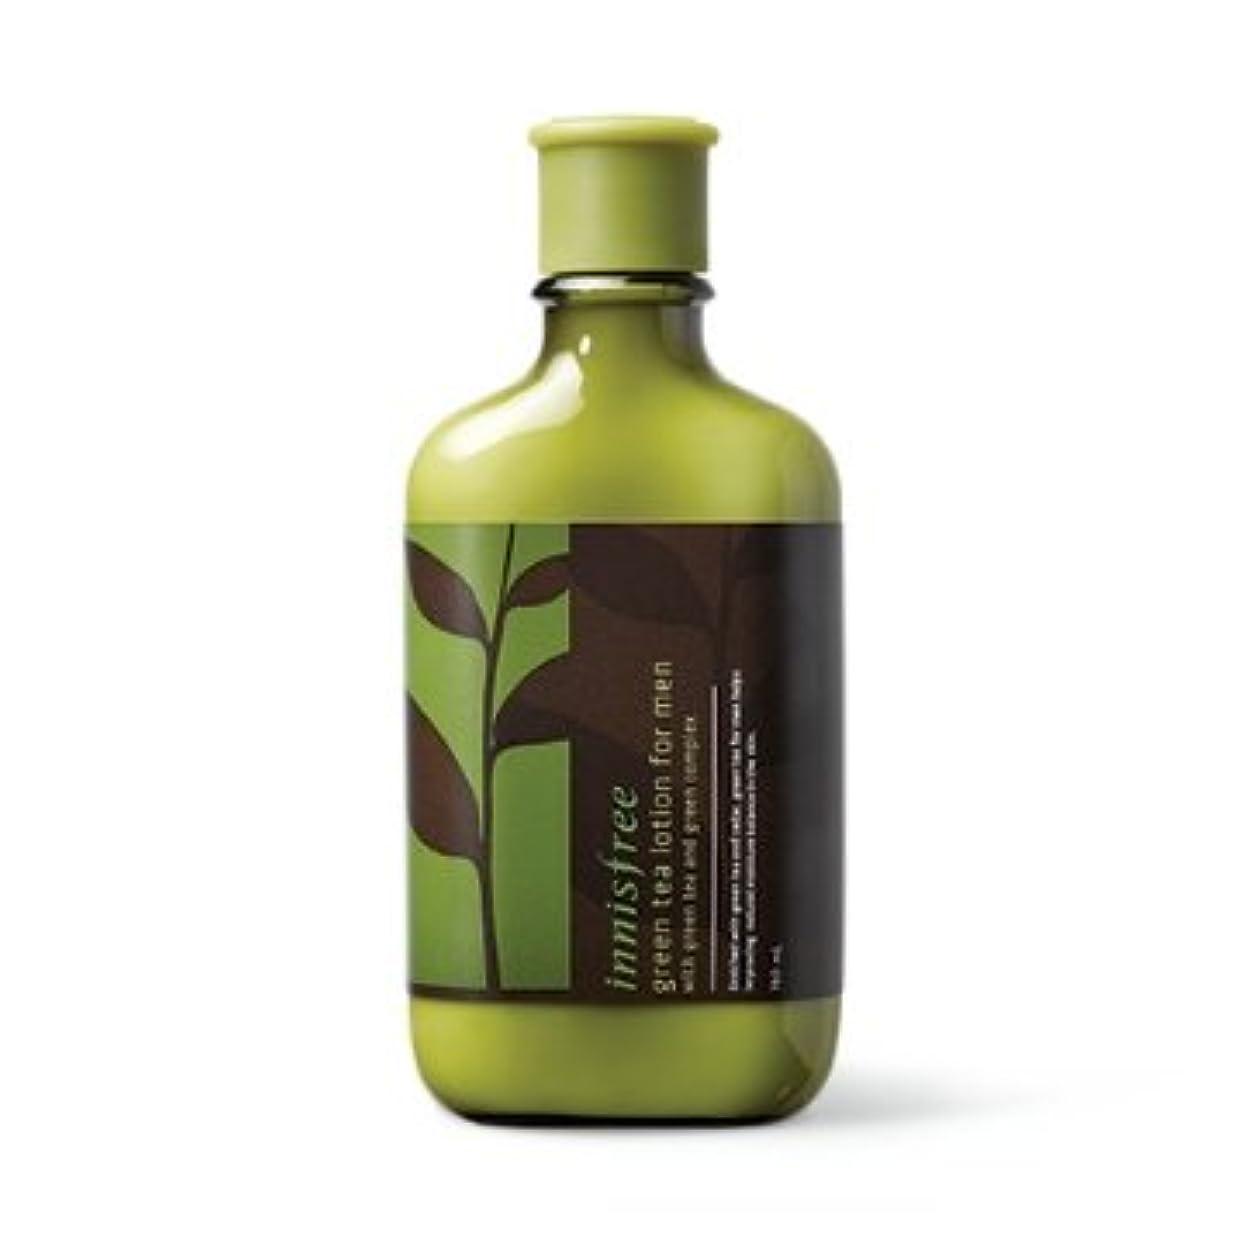 データ致死火傷【イニスフリー】Innisfree green tea lotion for men - 150ml (韓国直送品) (SHOPPINGINSTAGRAM)